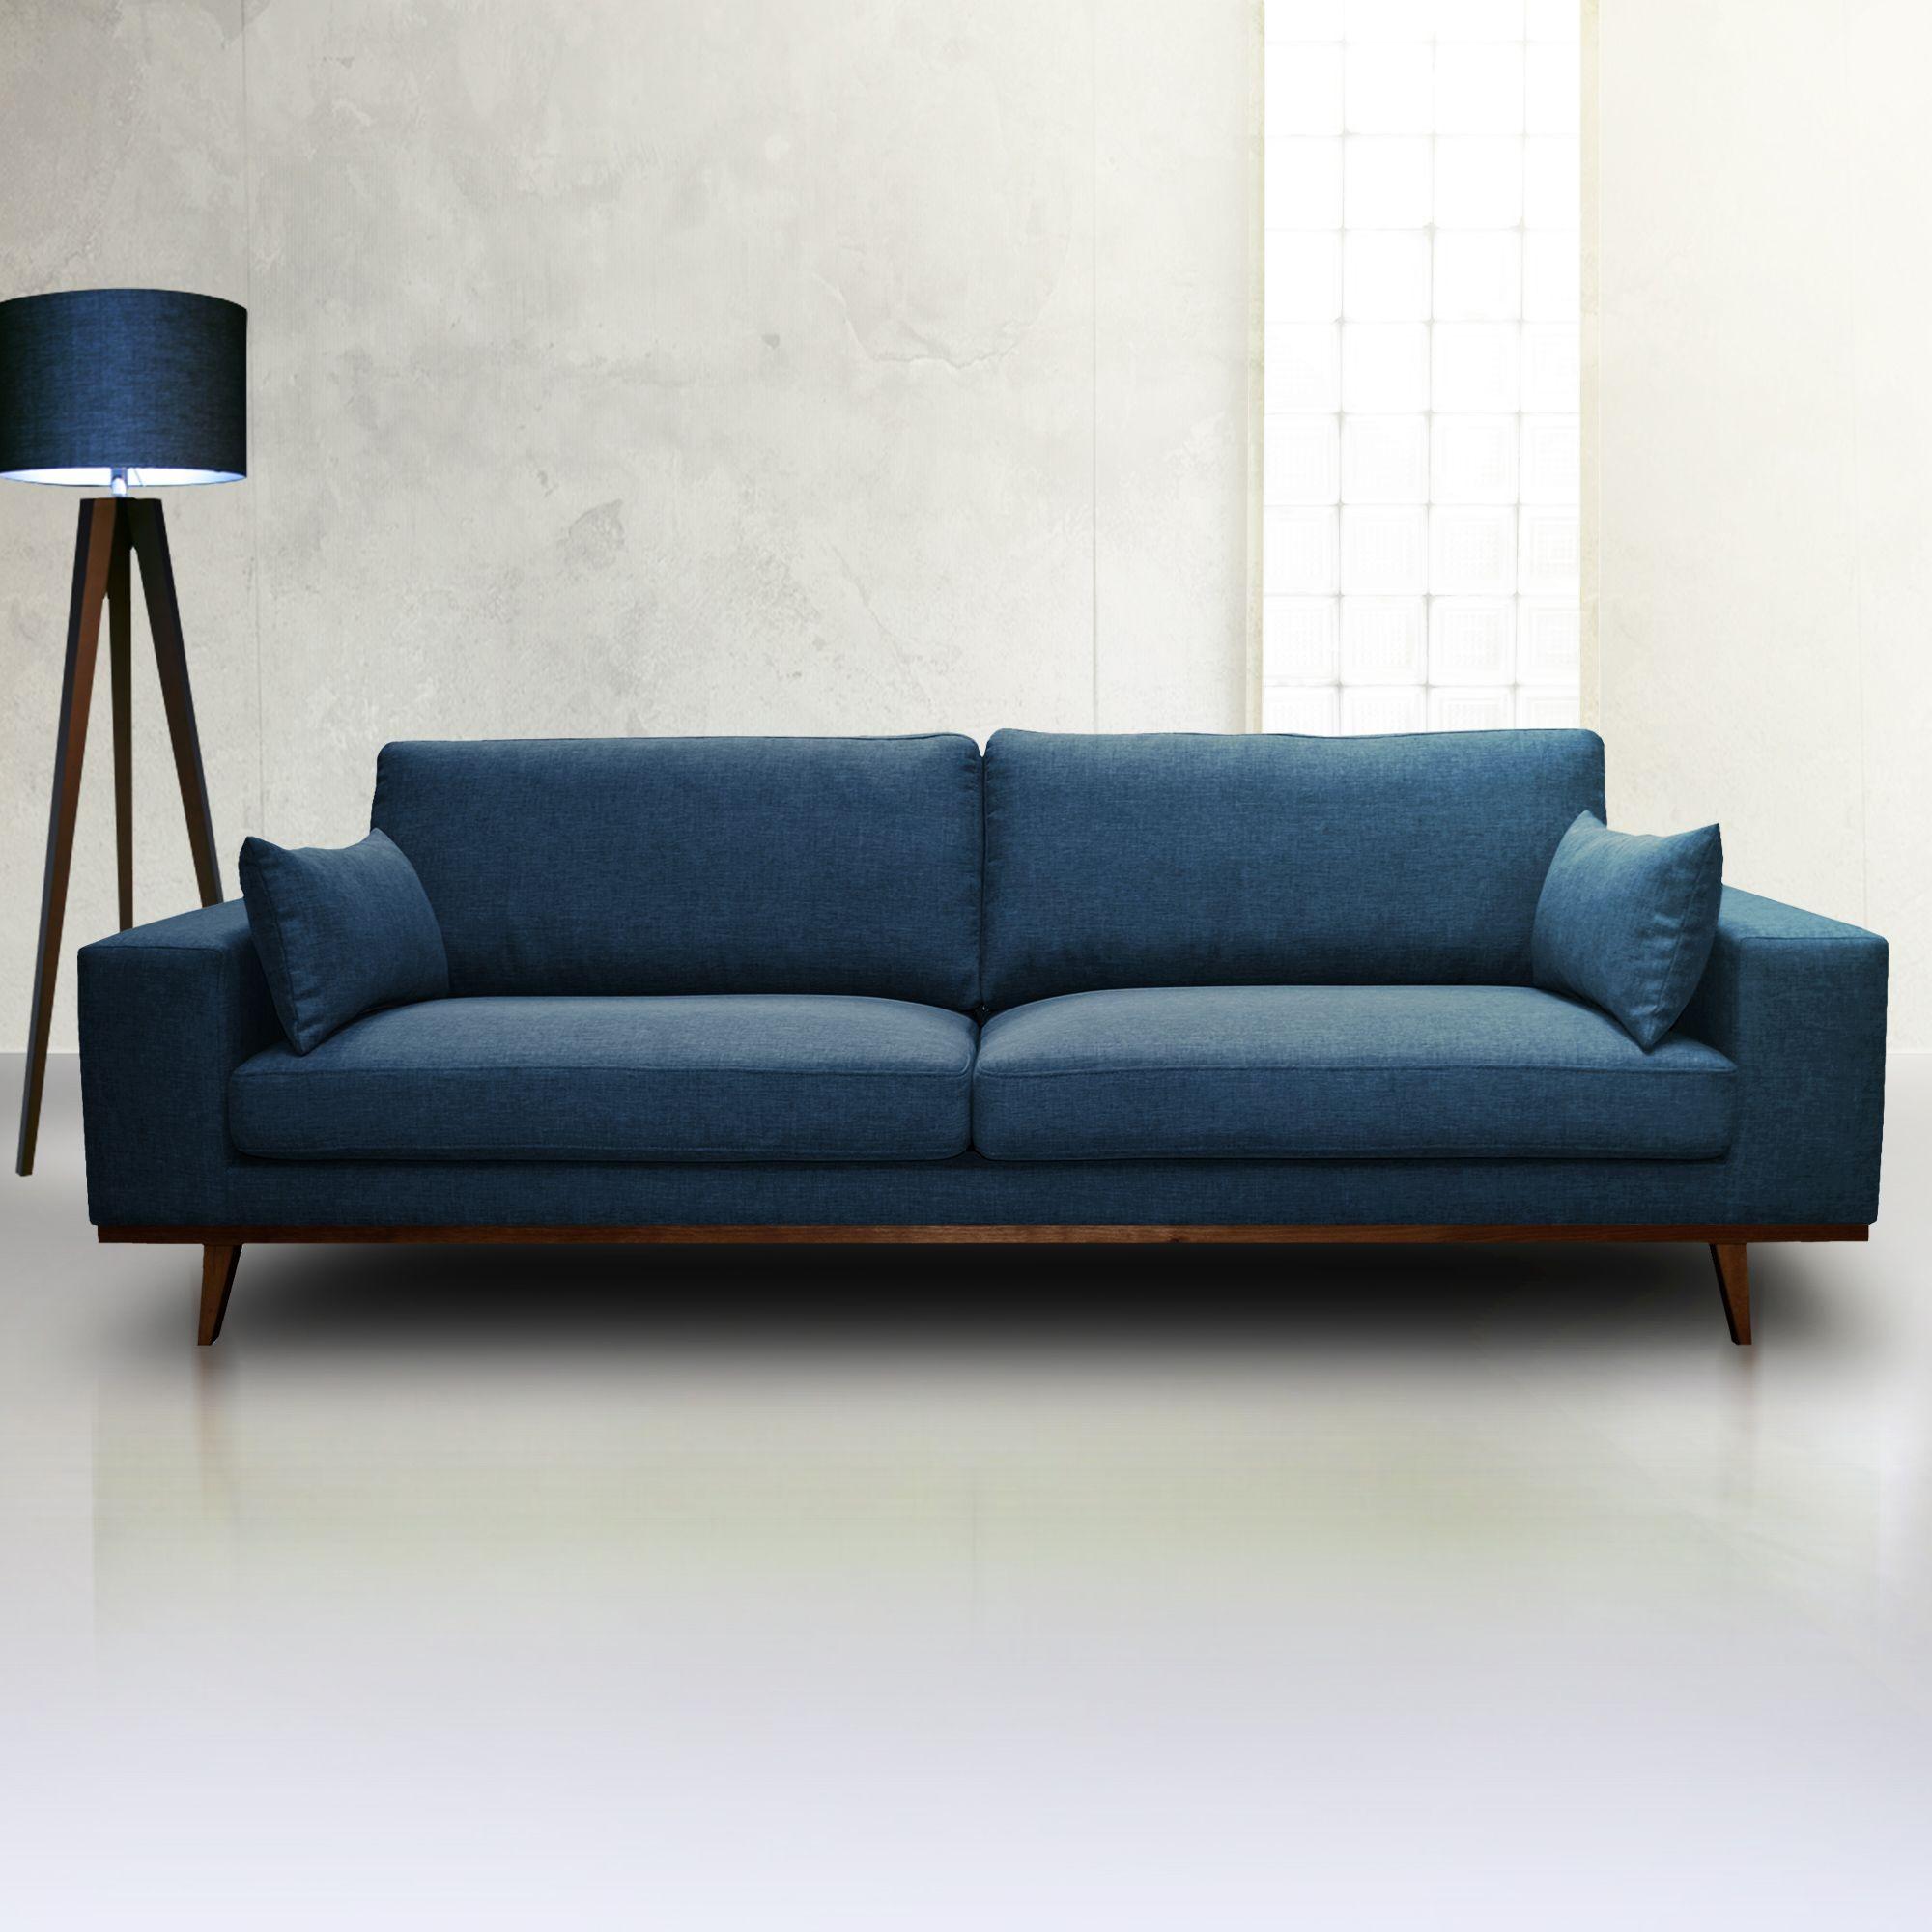 Ikea Canapé Angle Convertible Nouveau Images Lit Armoire Canapé Beautiful Canap En U Convertible 12 Full Canape D